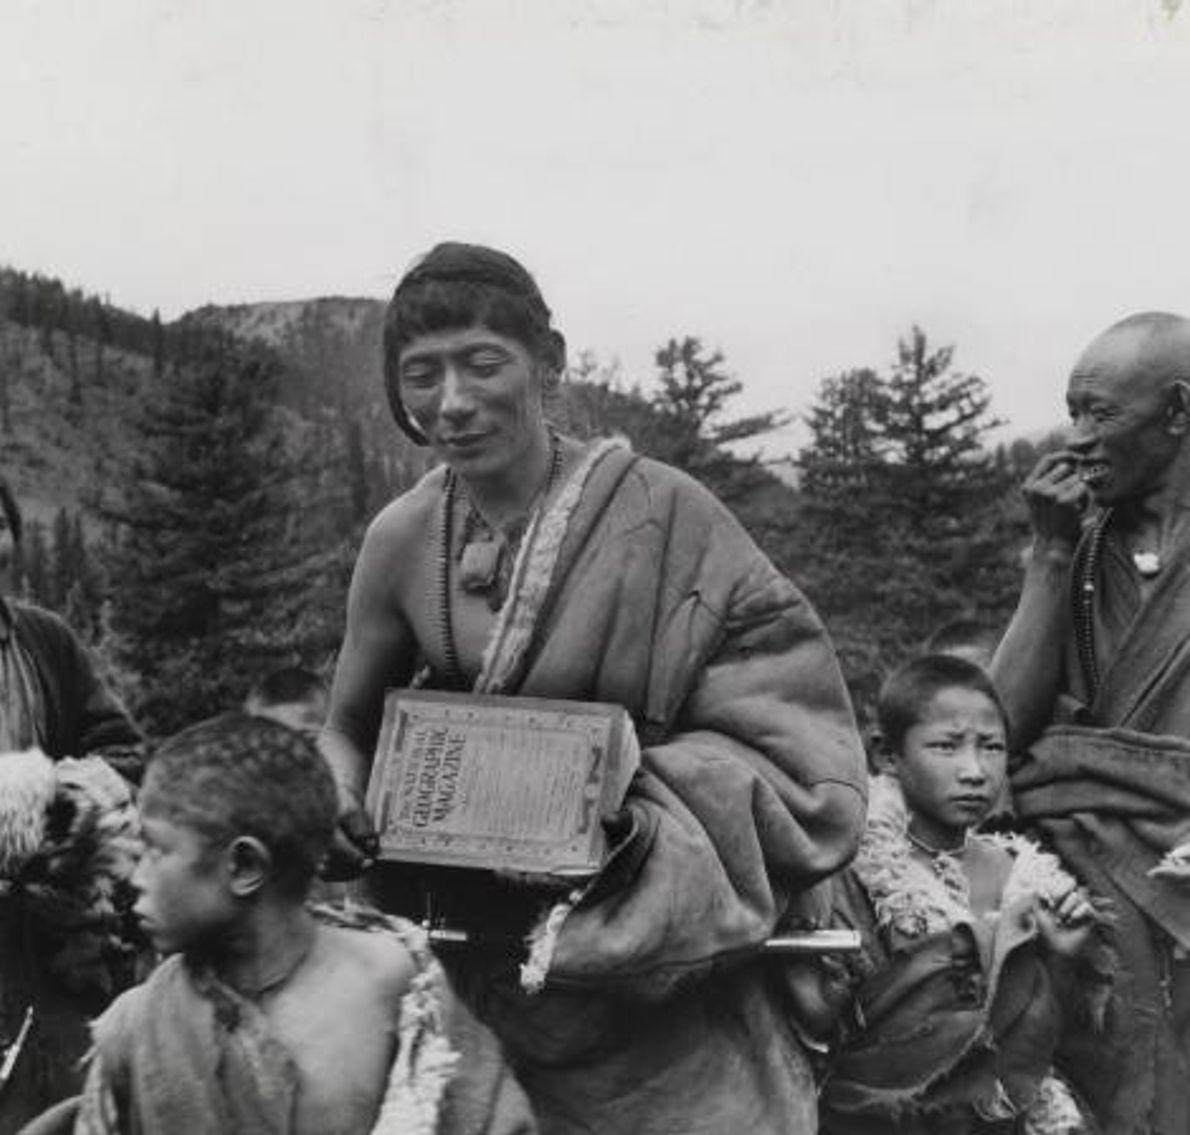 Homens tibetanos e crianças são fotografados em Sikang.